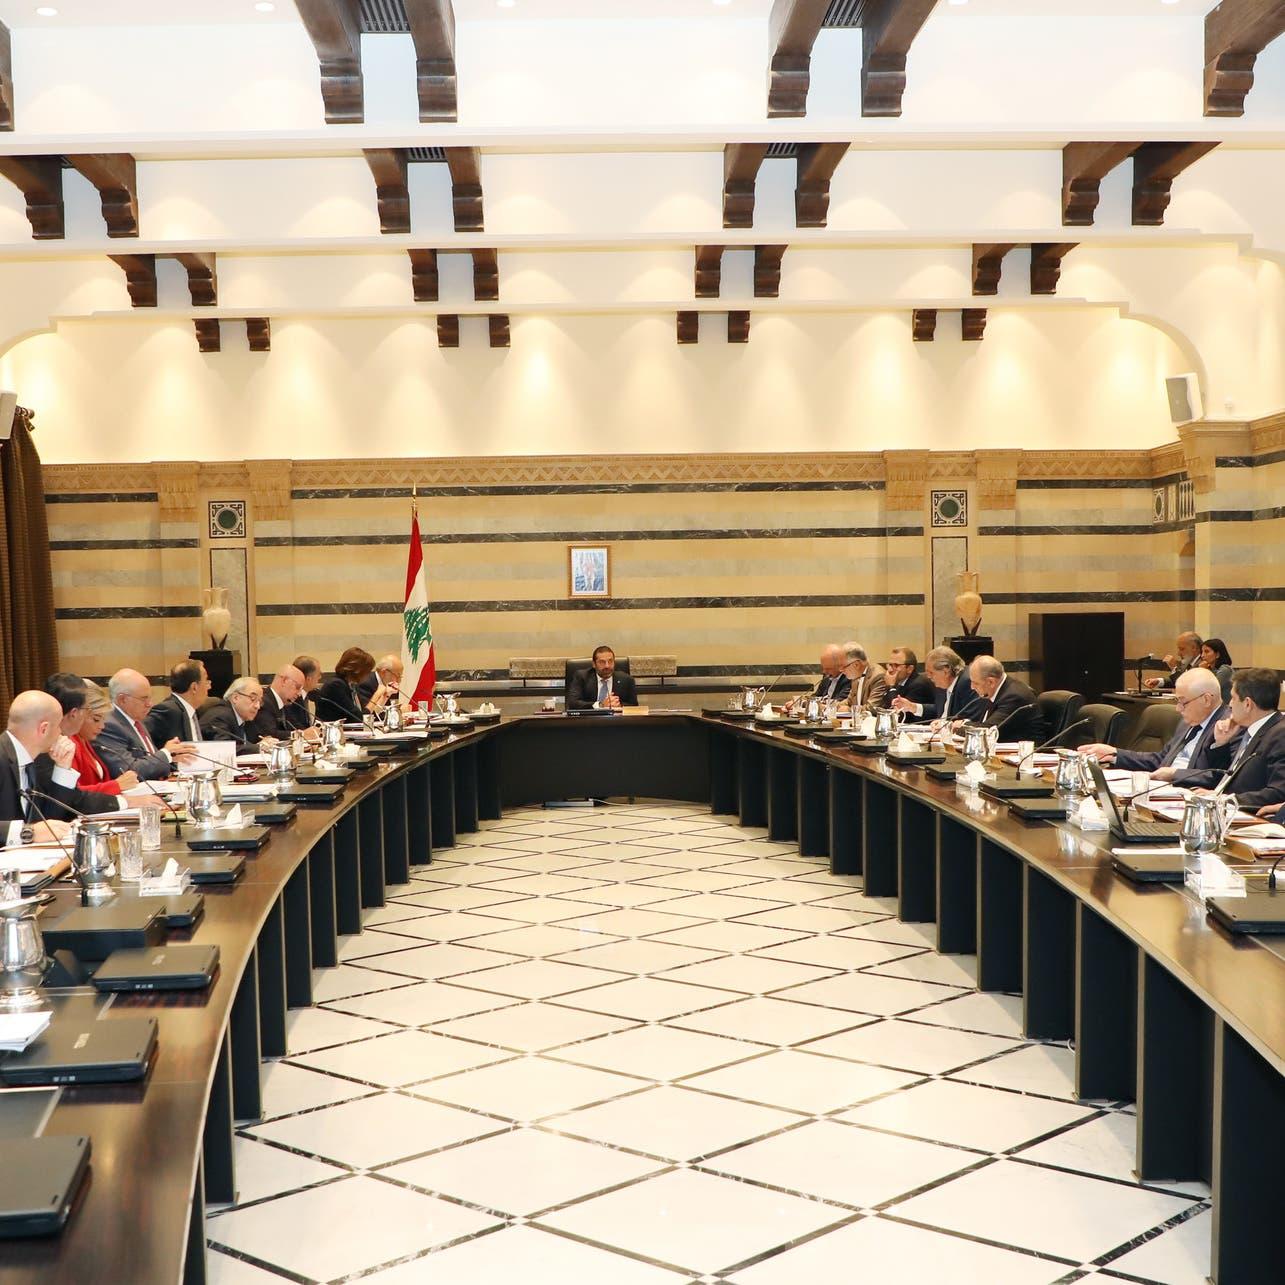 وزير لبناني مستقيل: الحكومة لا تحظى بثقة المستثمرين الدوليين